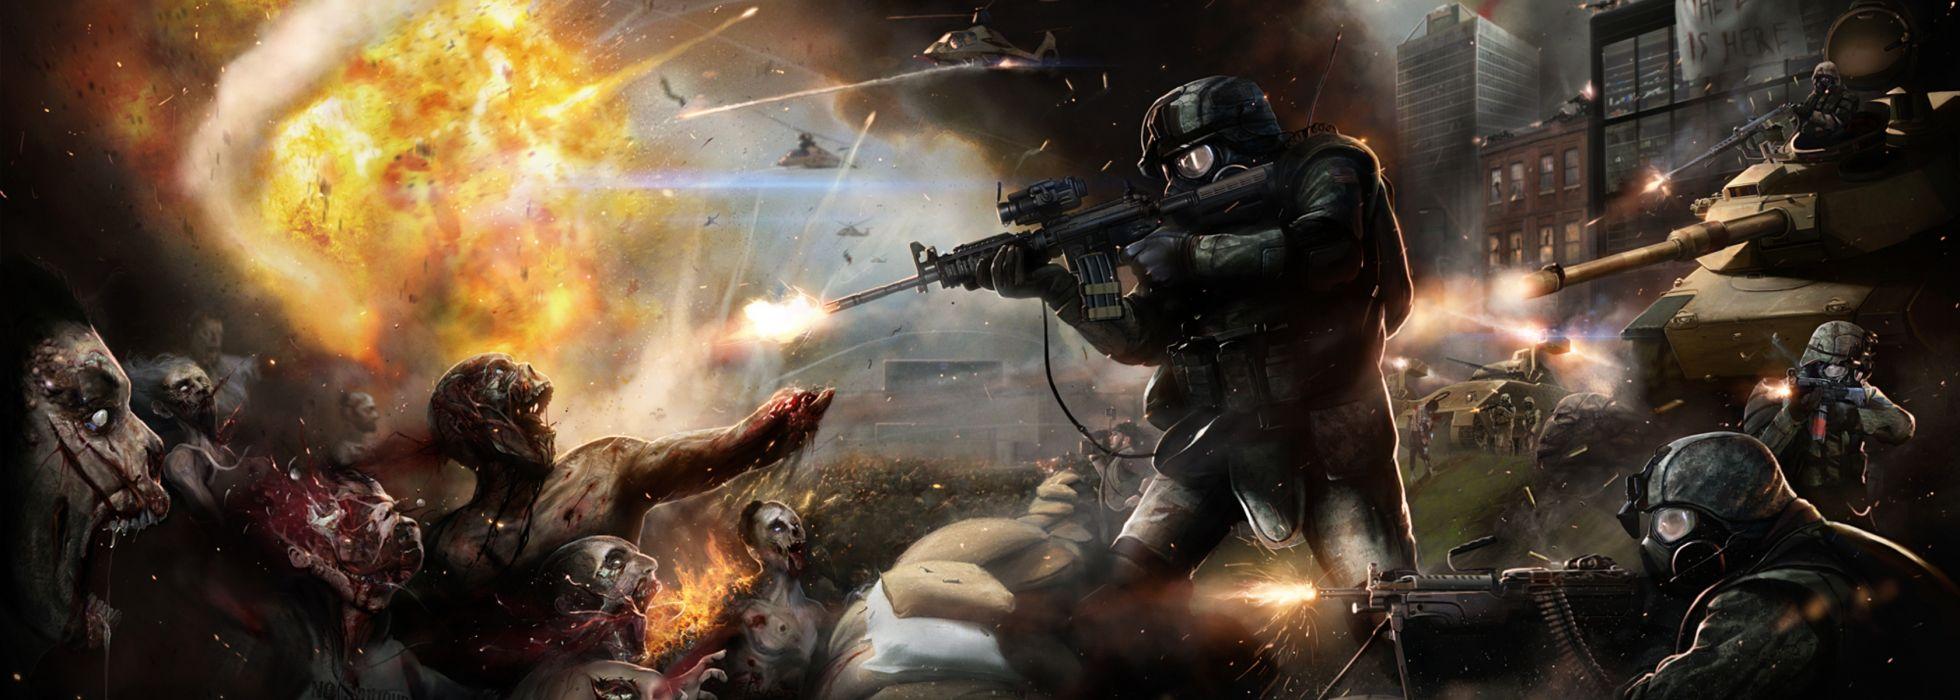 Multi Monitor Dual Screen World War Z sci fi dark horror zombies weapns assault rifle guns apocalypse fire wallpaper